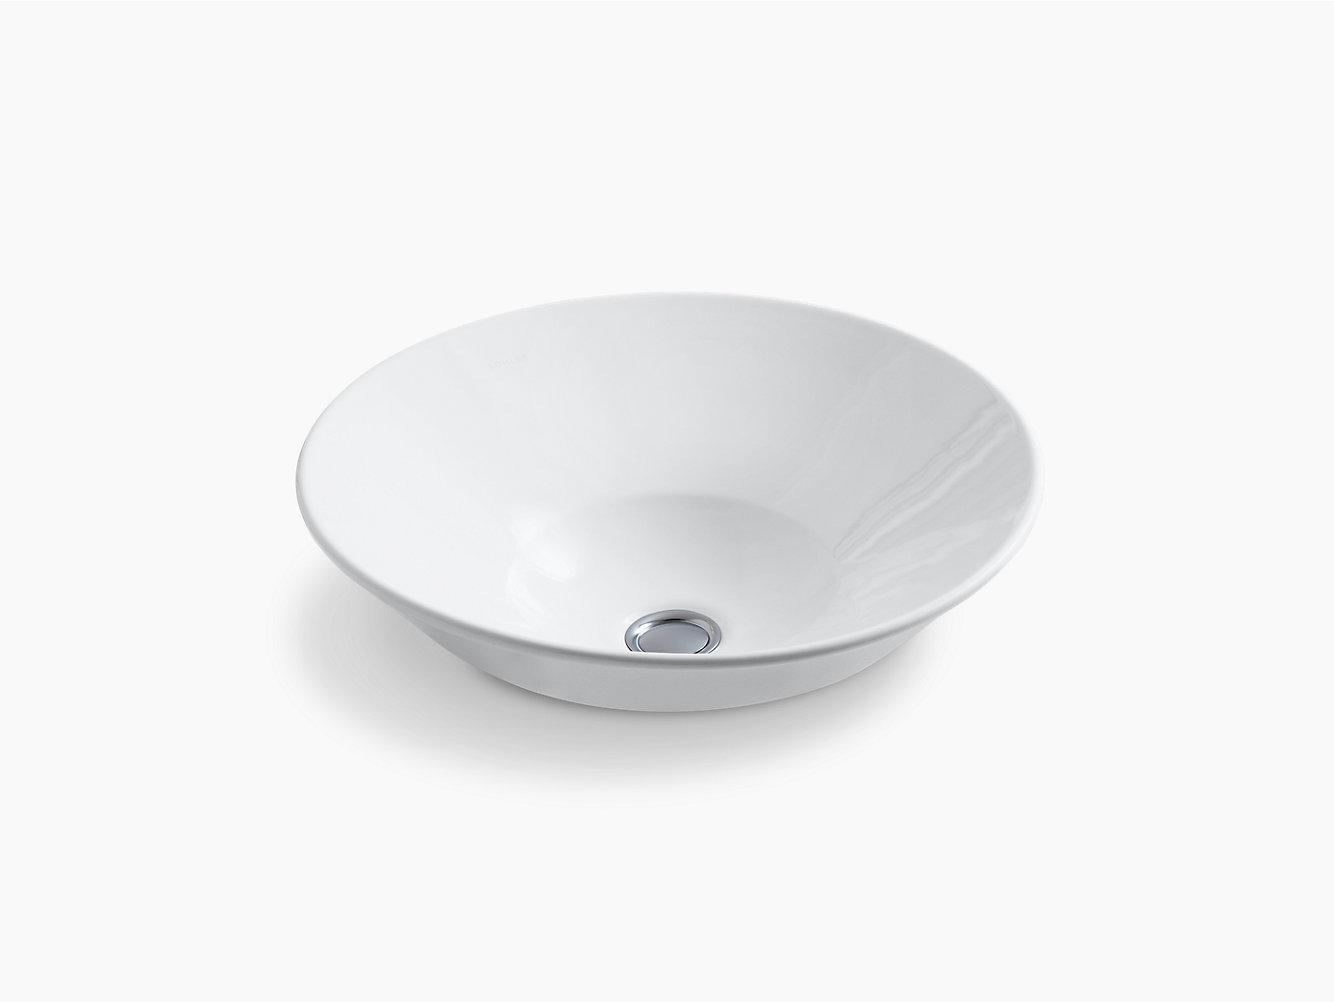 KOHLER | 2200LM-G | Lavabo Conical Bell Vessels de montaje sobre ...